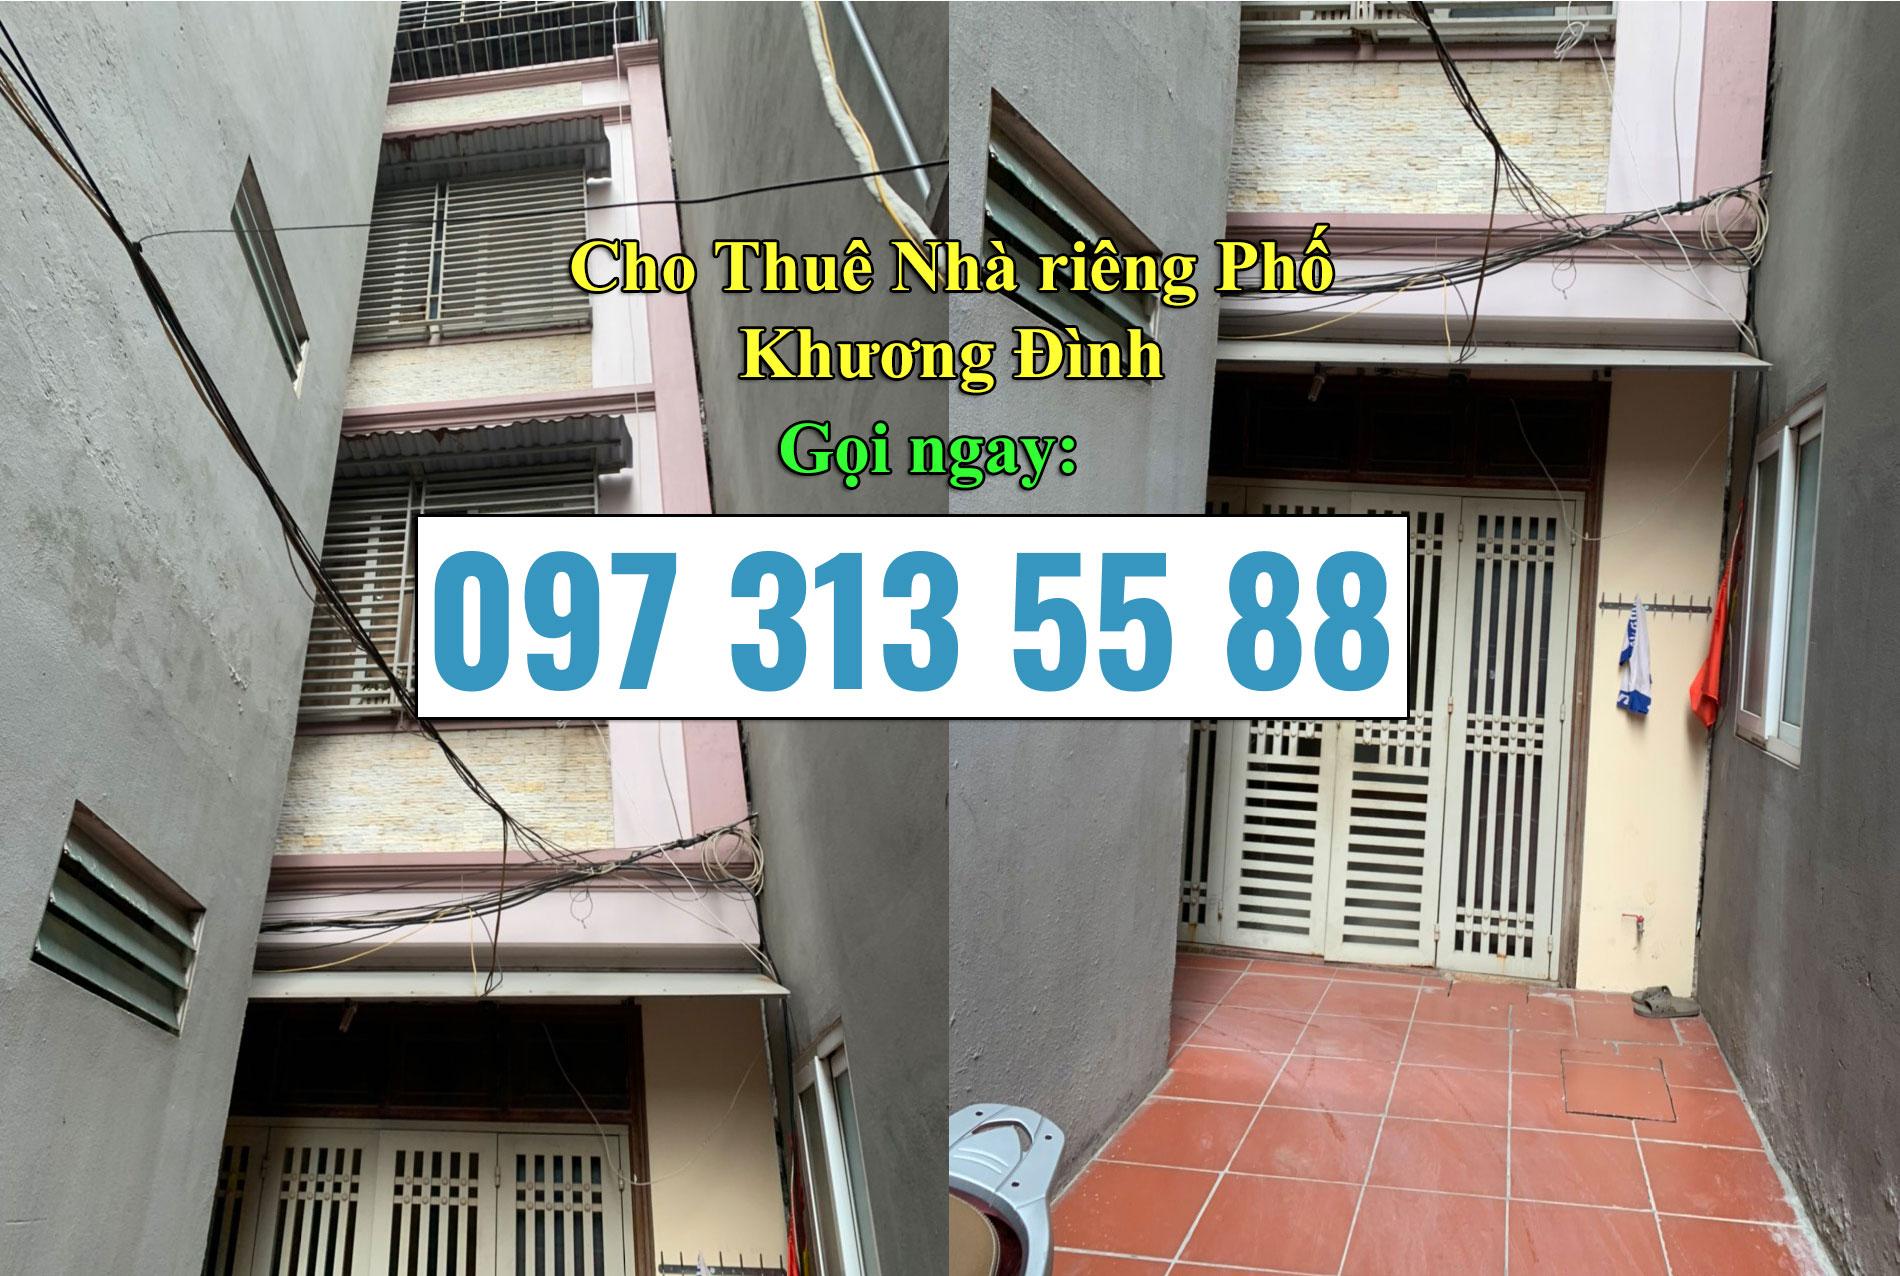 Cho thuê nhà phố Khương Đình Thanh Xuân, Hà Nội